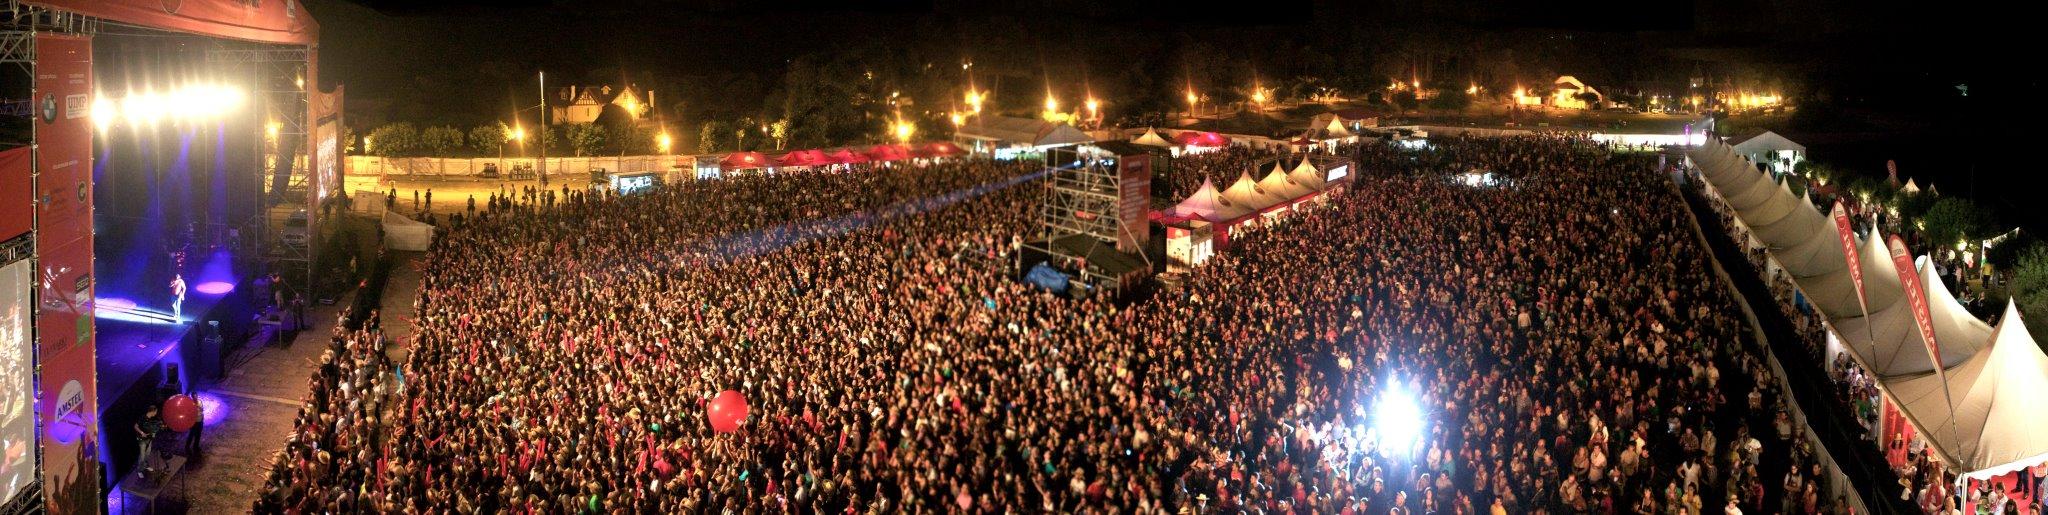 Los conciertos de Música en Grande en la Campa de la Magdalena son uno de los platos fuertes del verano.